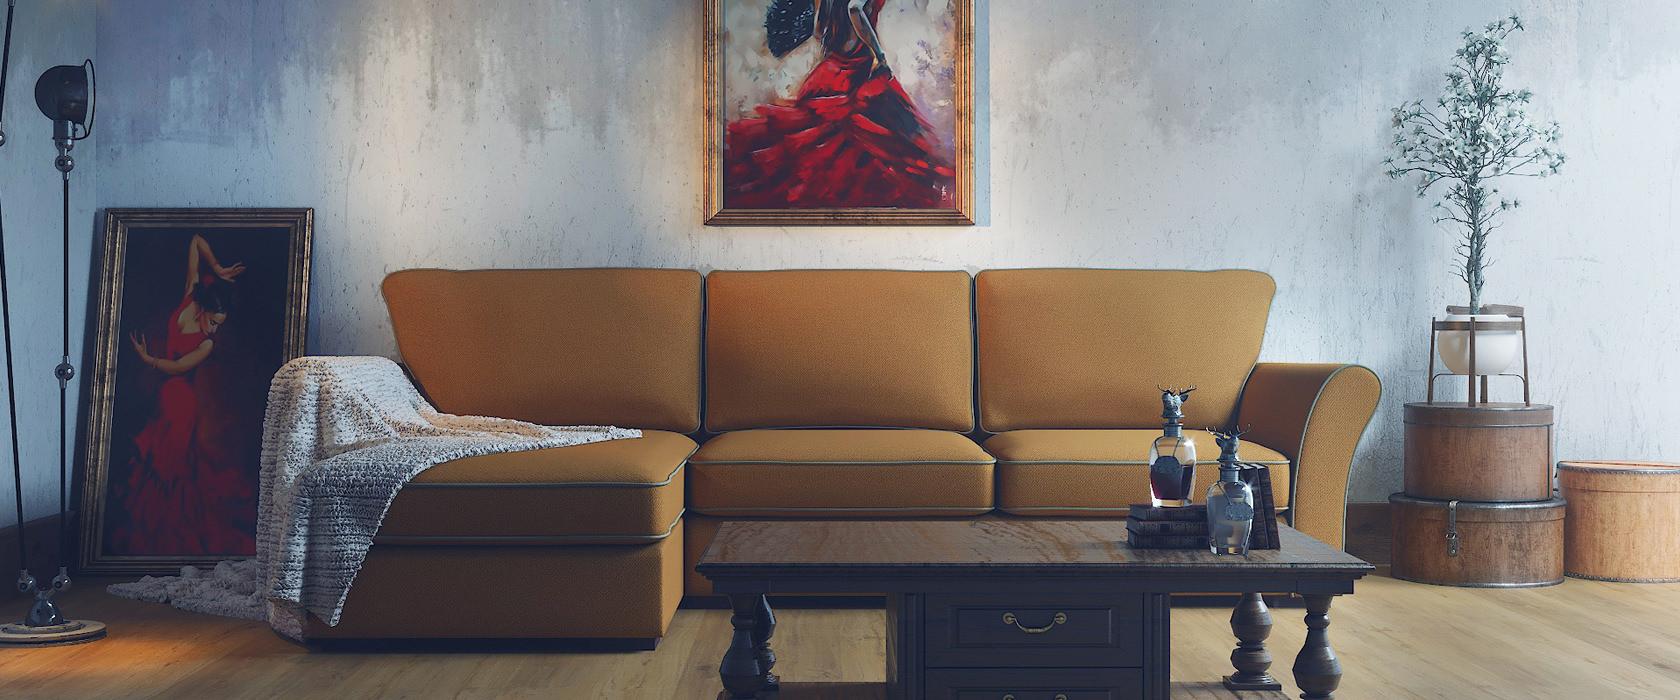 Кутовий диван Amadeo - Фото 2 - Pufetto